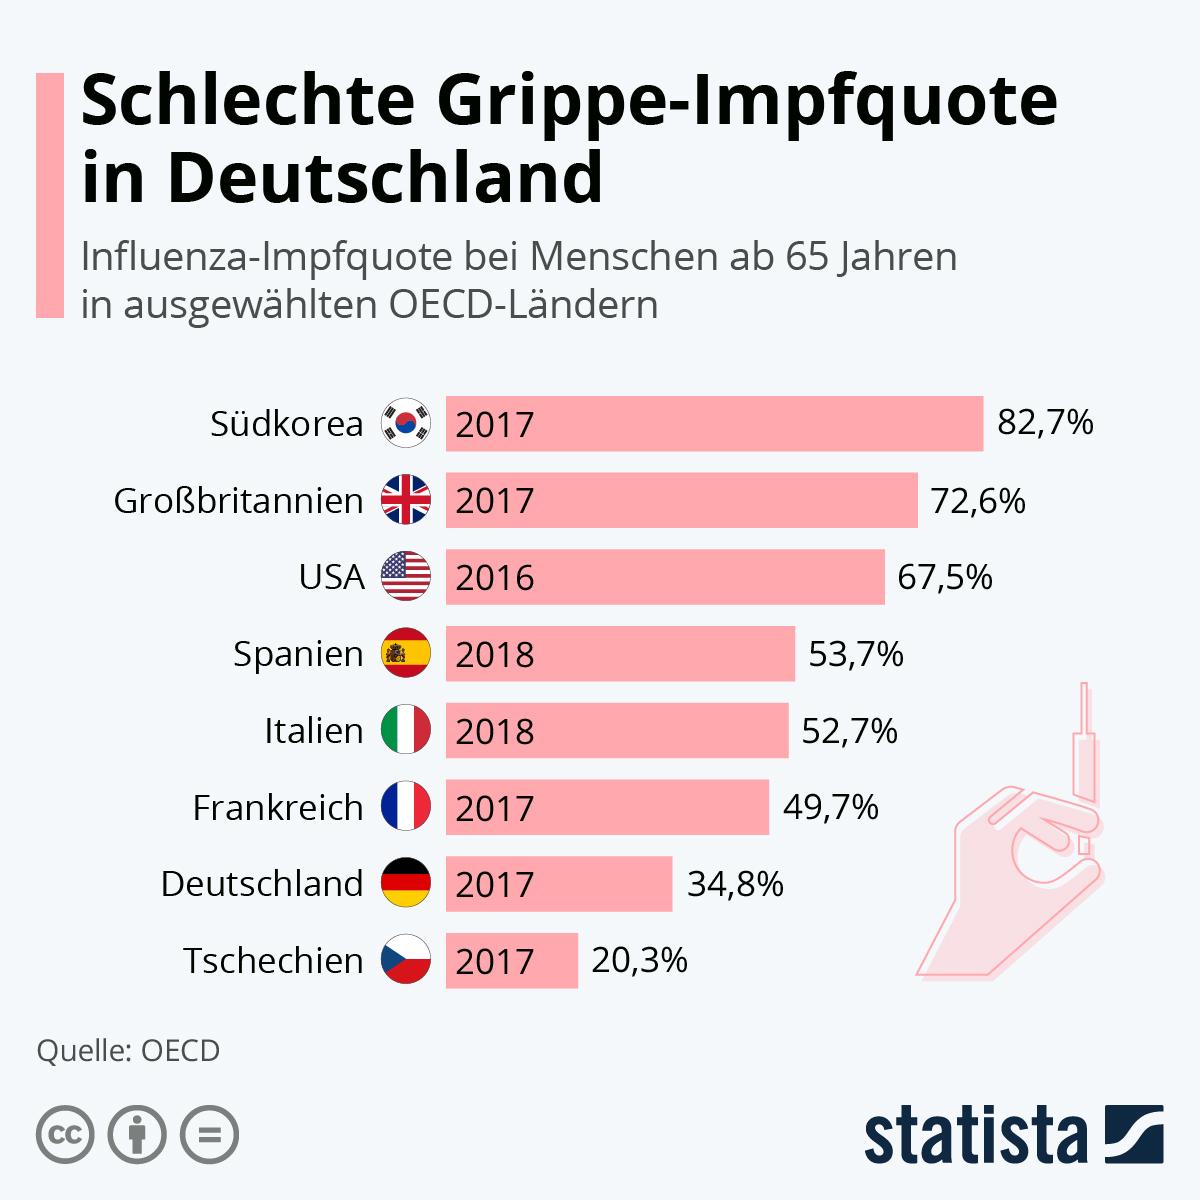 Infografik: Schlechte Grippe-Impfquote in Deutschland | Statista